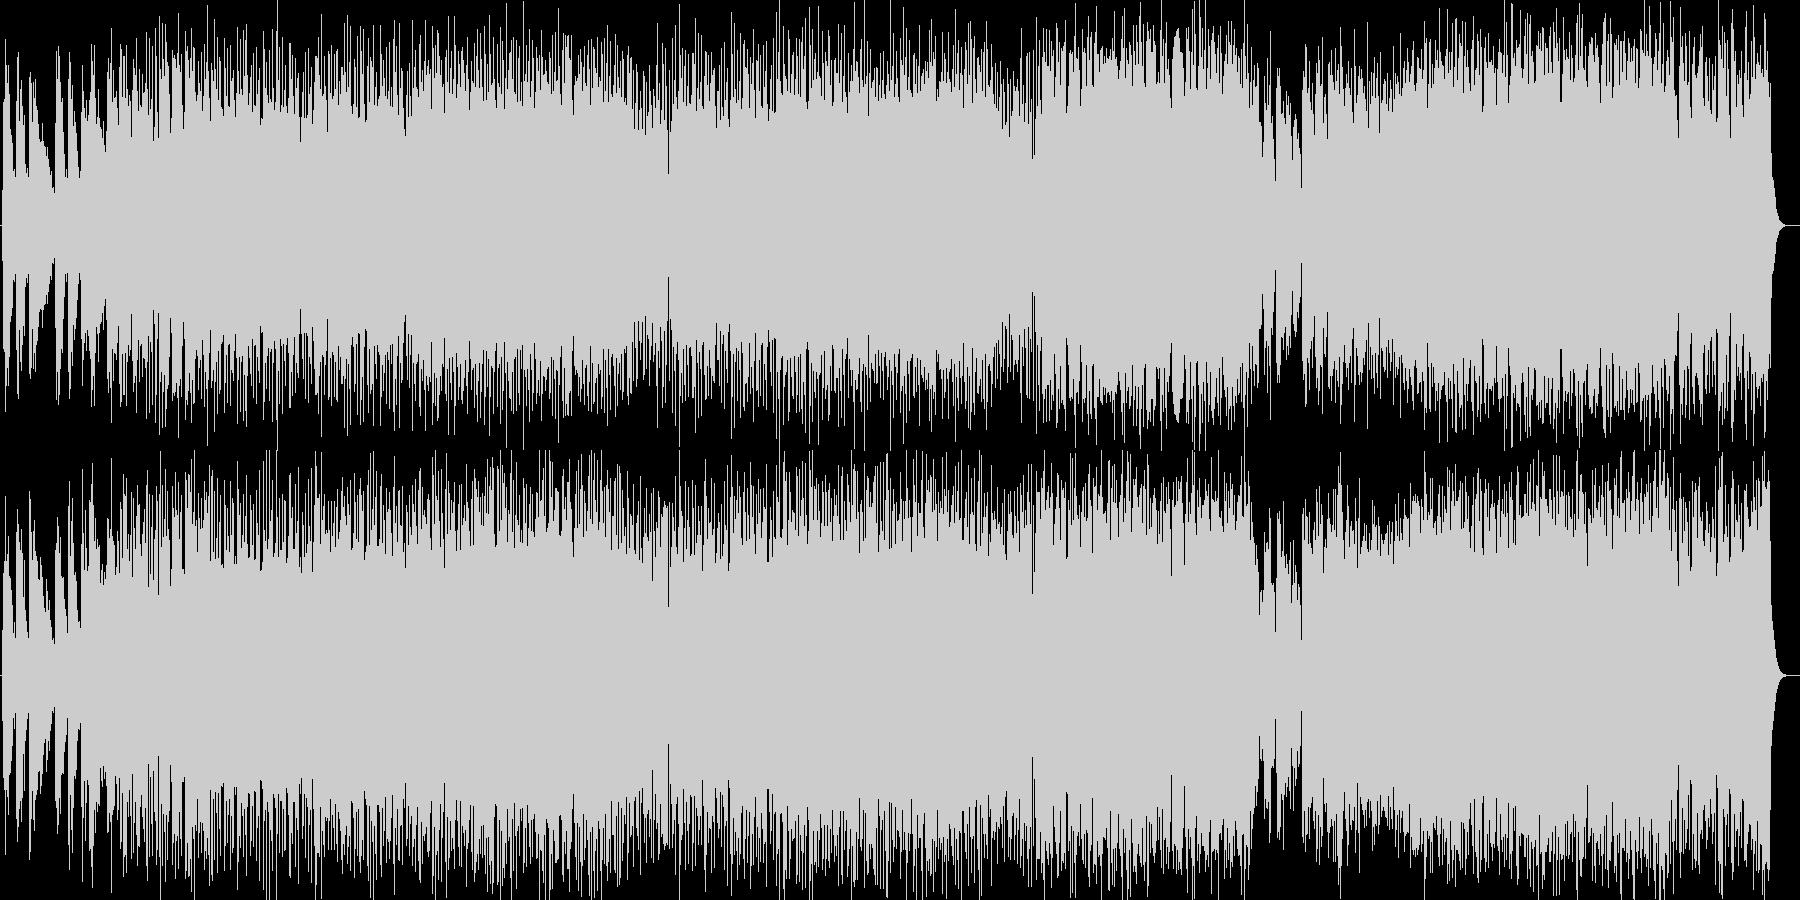 ドラマチック系シンセサイザーサウンドの未再生の波形